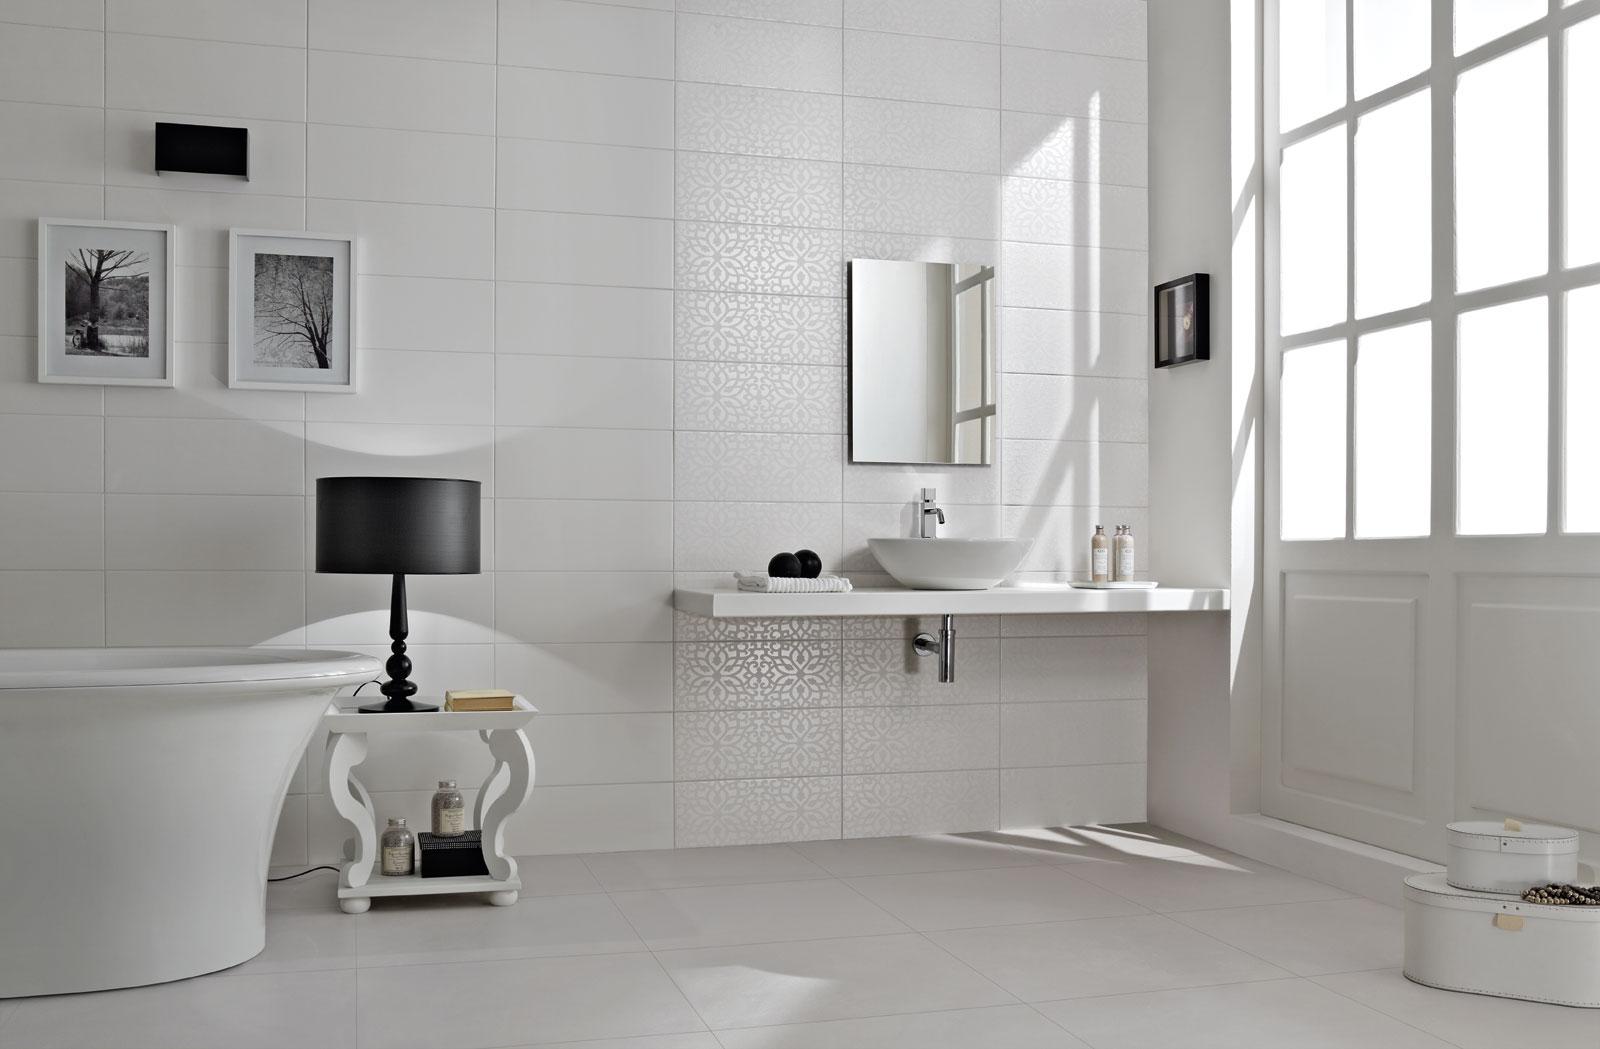 Black white piastrelle per bagno e cucina marazzi - Piastrelle grigie bagno ...